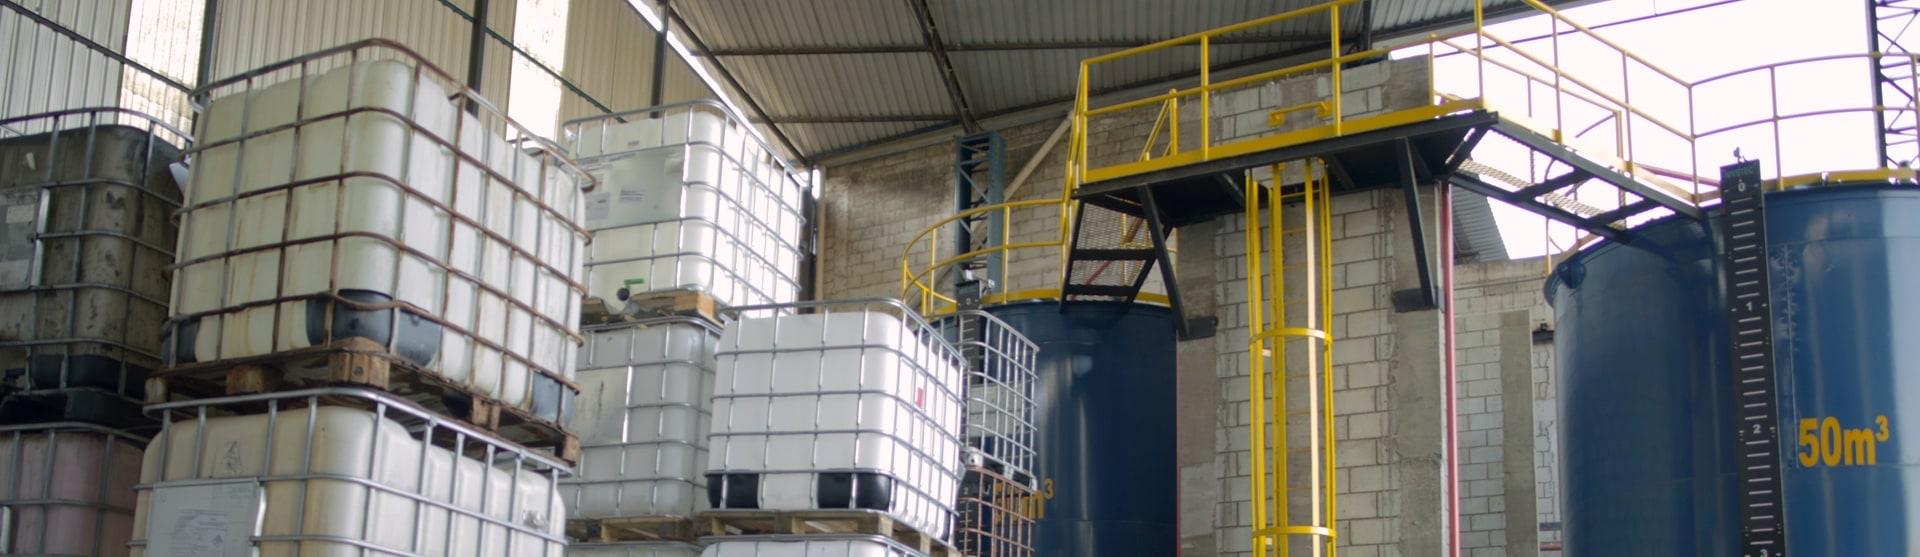 Tratamento de Resíduos Industriais e Destinação final Resíduo Liquido